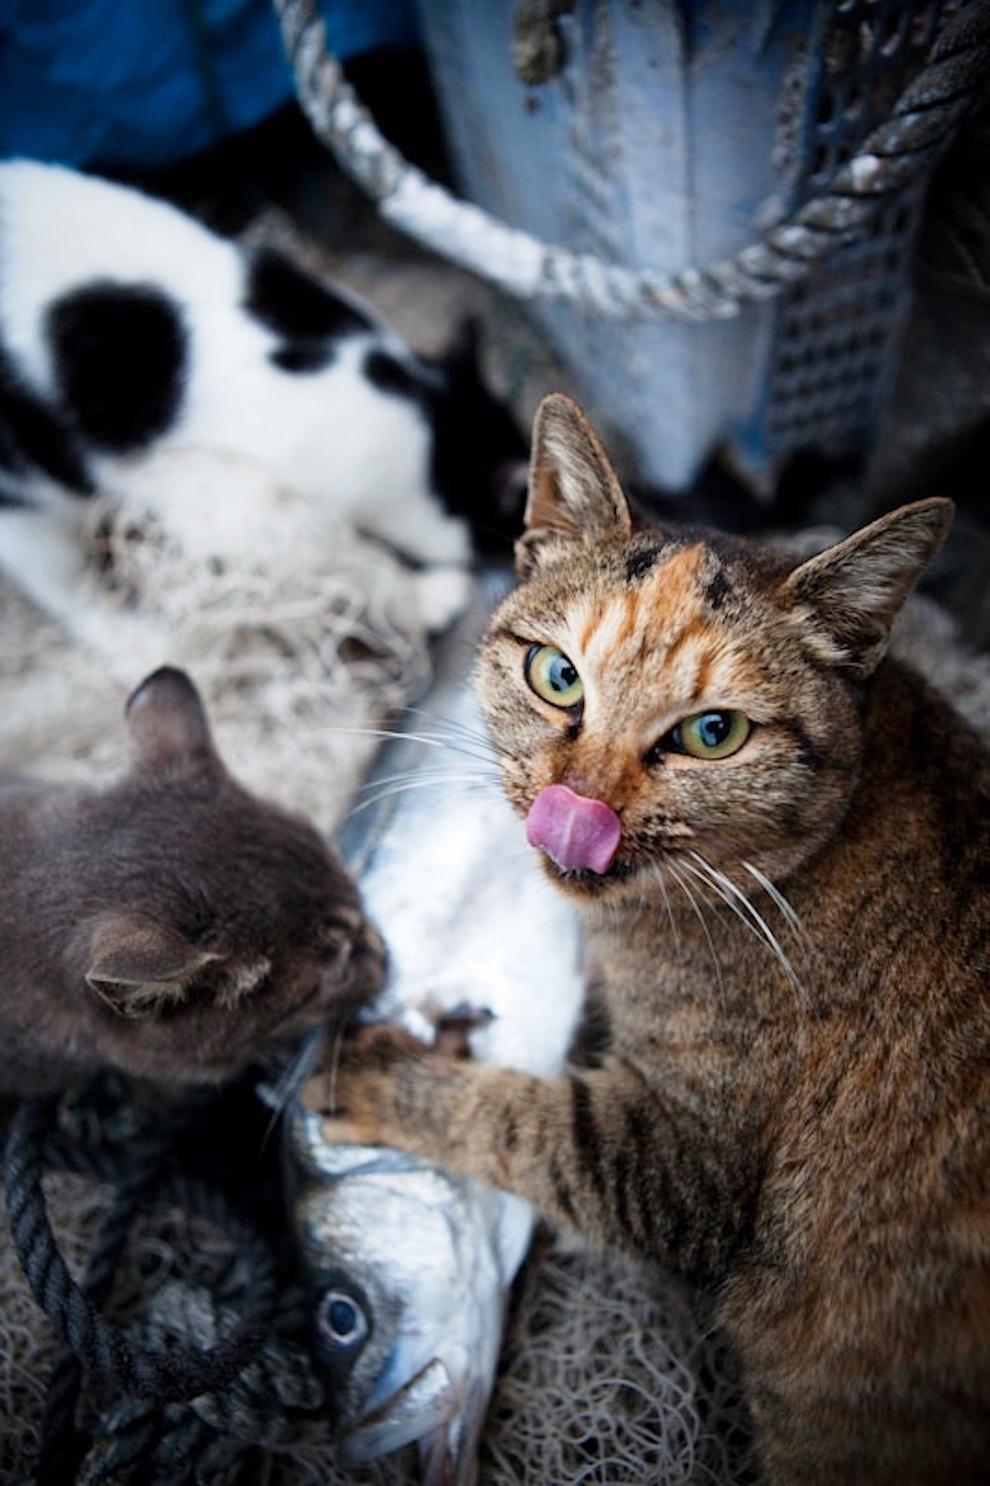 foto foto menakjubkan dari pulau Surga Kucing di Jepang - Foto Kucing di Fukuoka Jepang 28